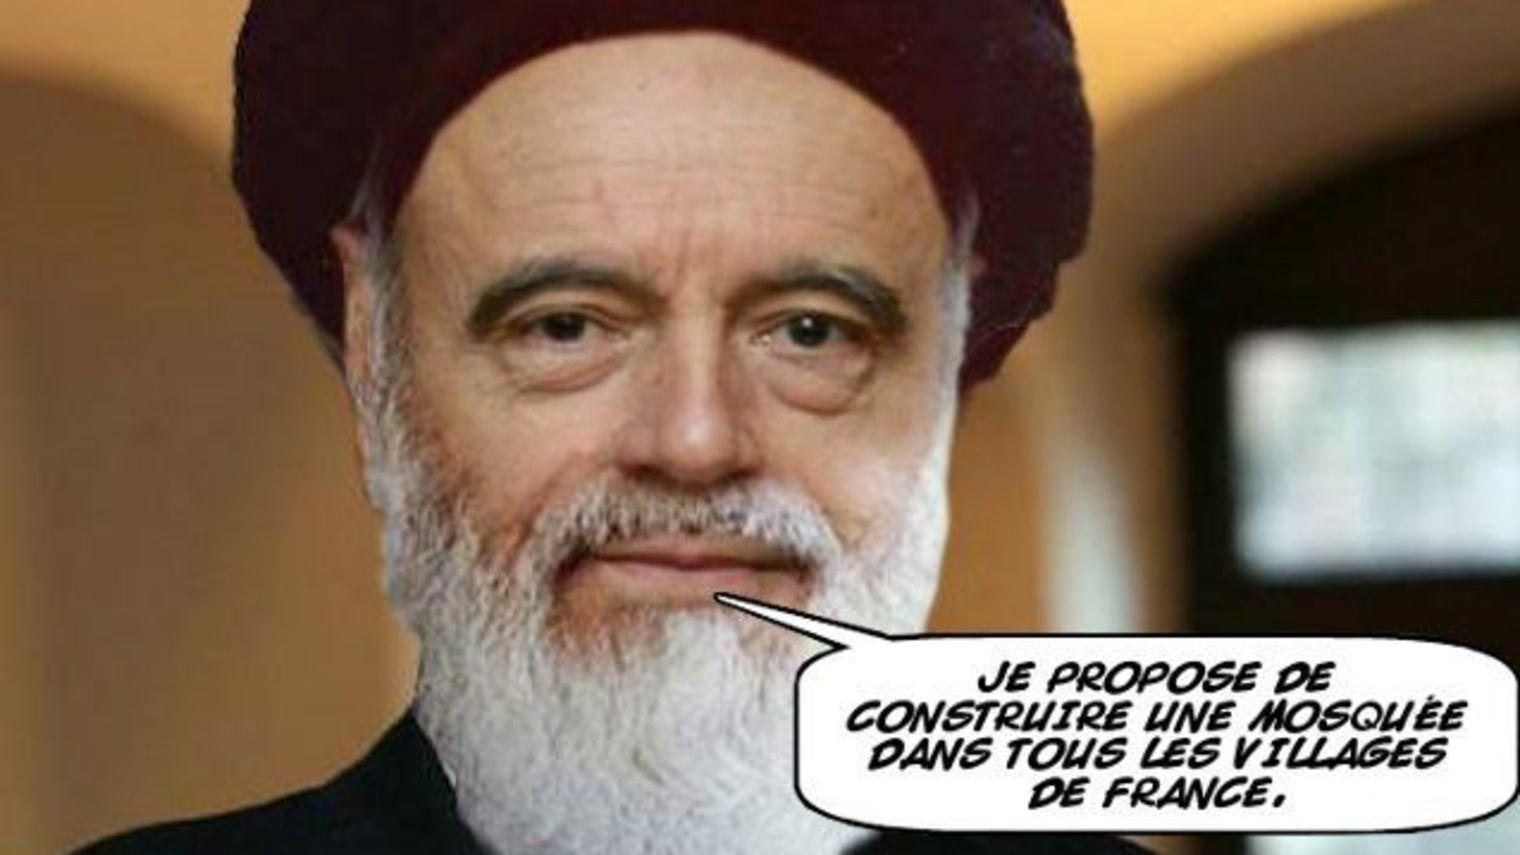 """Internetowetrolle wywodzące się zportali odwołujących się dowartości patriotycznych iskrajnie prawicowych przyczynili się doporażki Alaina Juppé wprawyborach naprawicy iwcentrum. Rozpowszechniali wsieci powyższego mema zmerem Bordeaux, wypowiadającego słowa """"Proponuję wybudować meczet wkażdym francuskim miasteczku""""."""